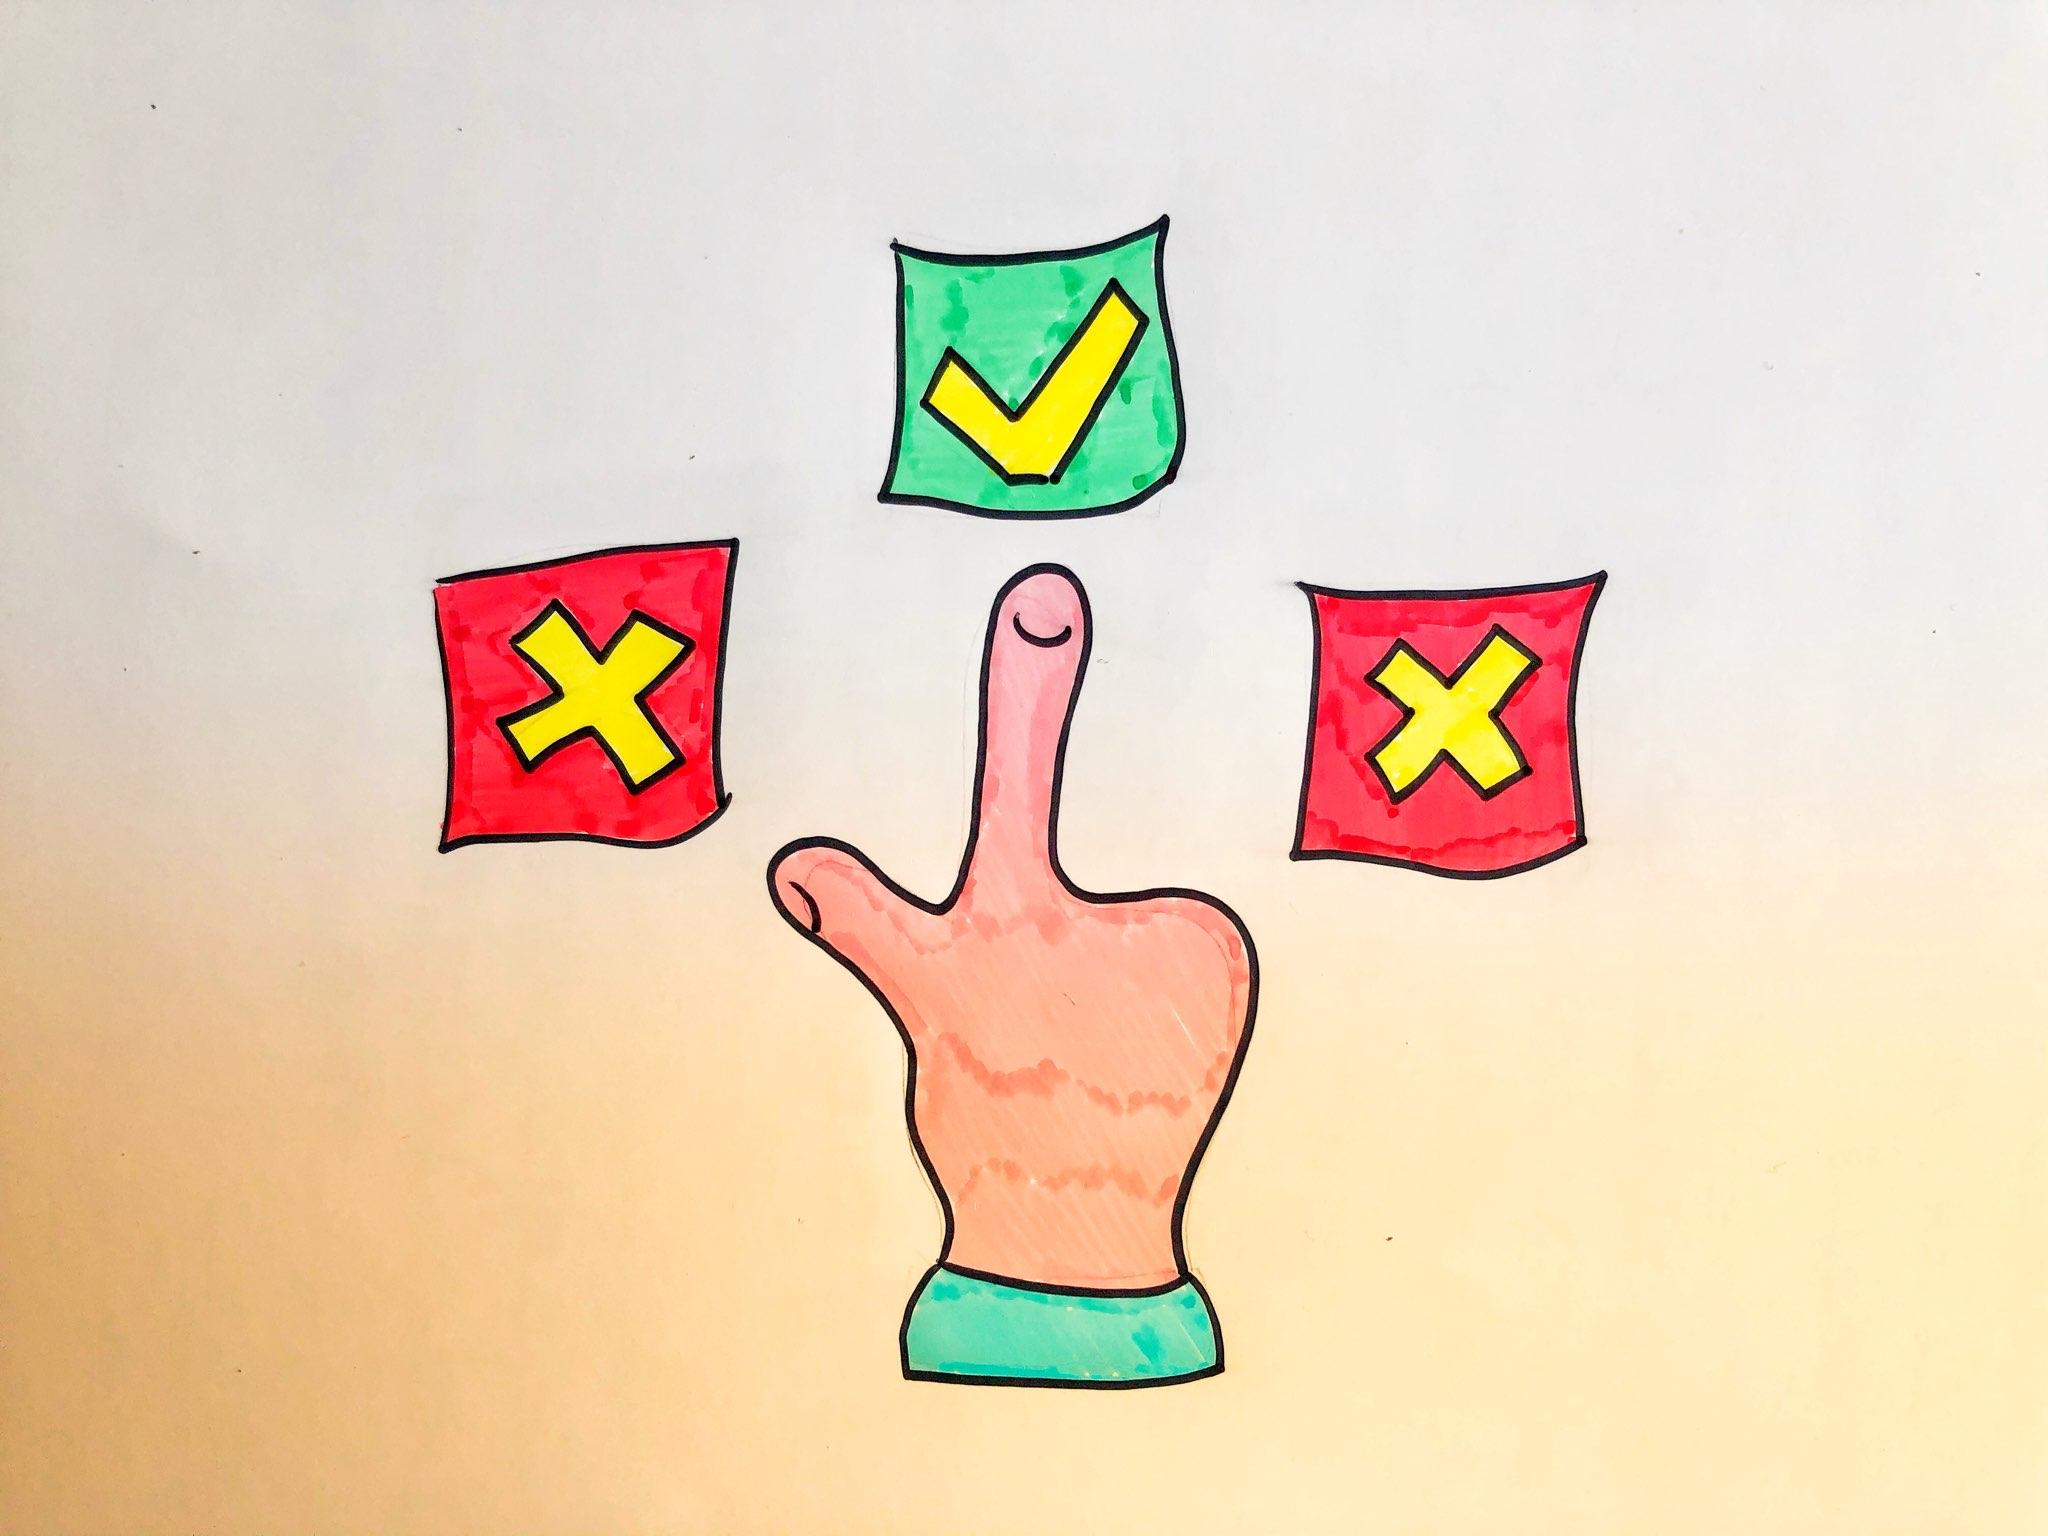 La Capacità di Prendere Decisioni: cos'è e come svilupparla.